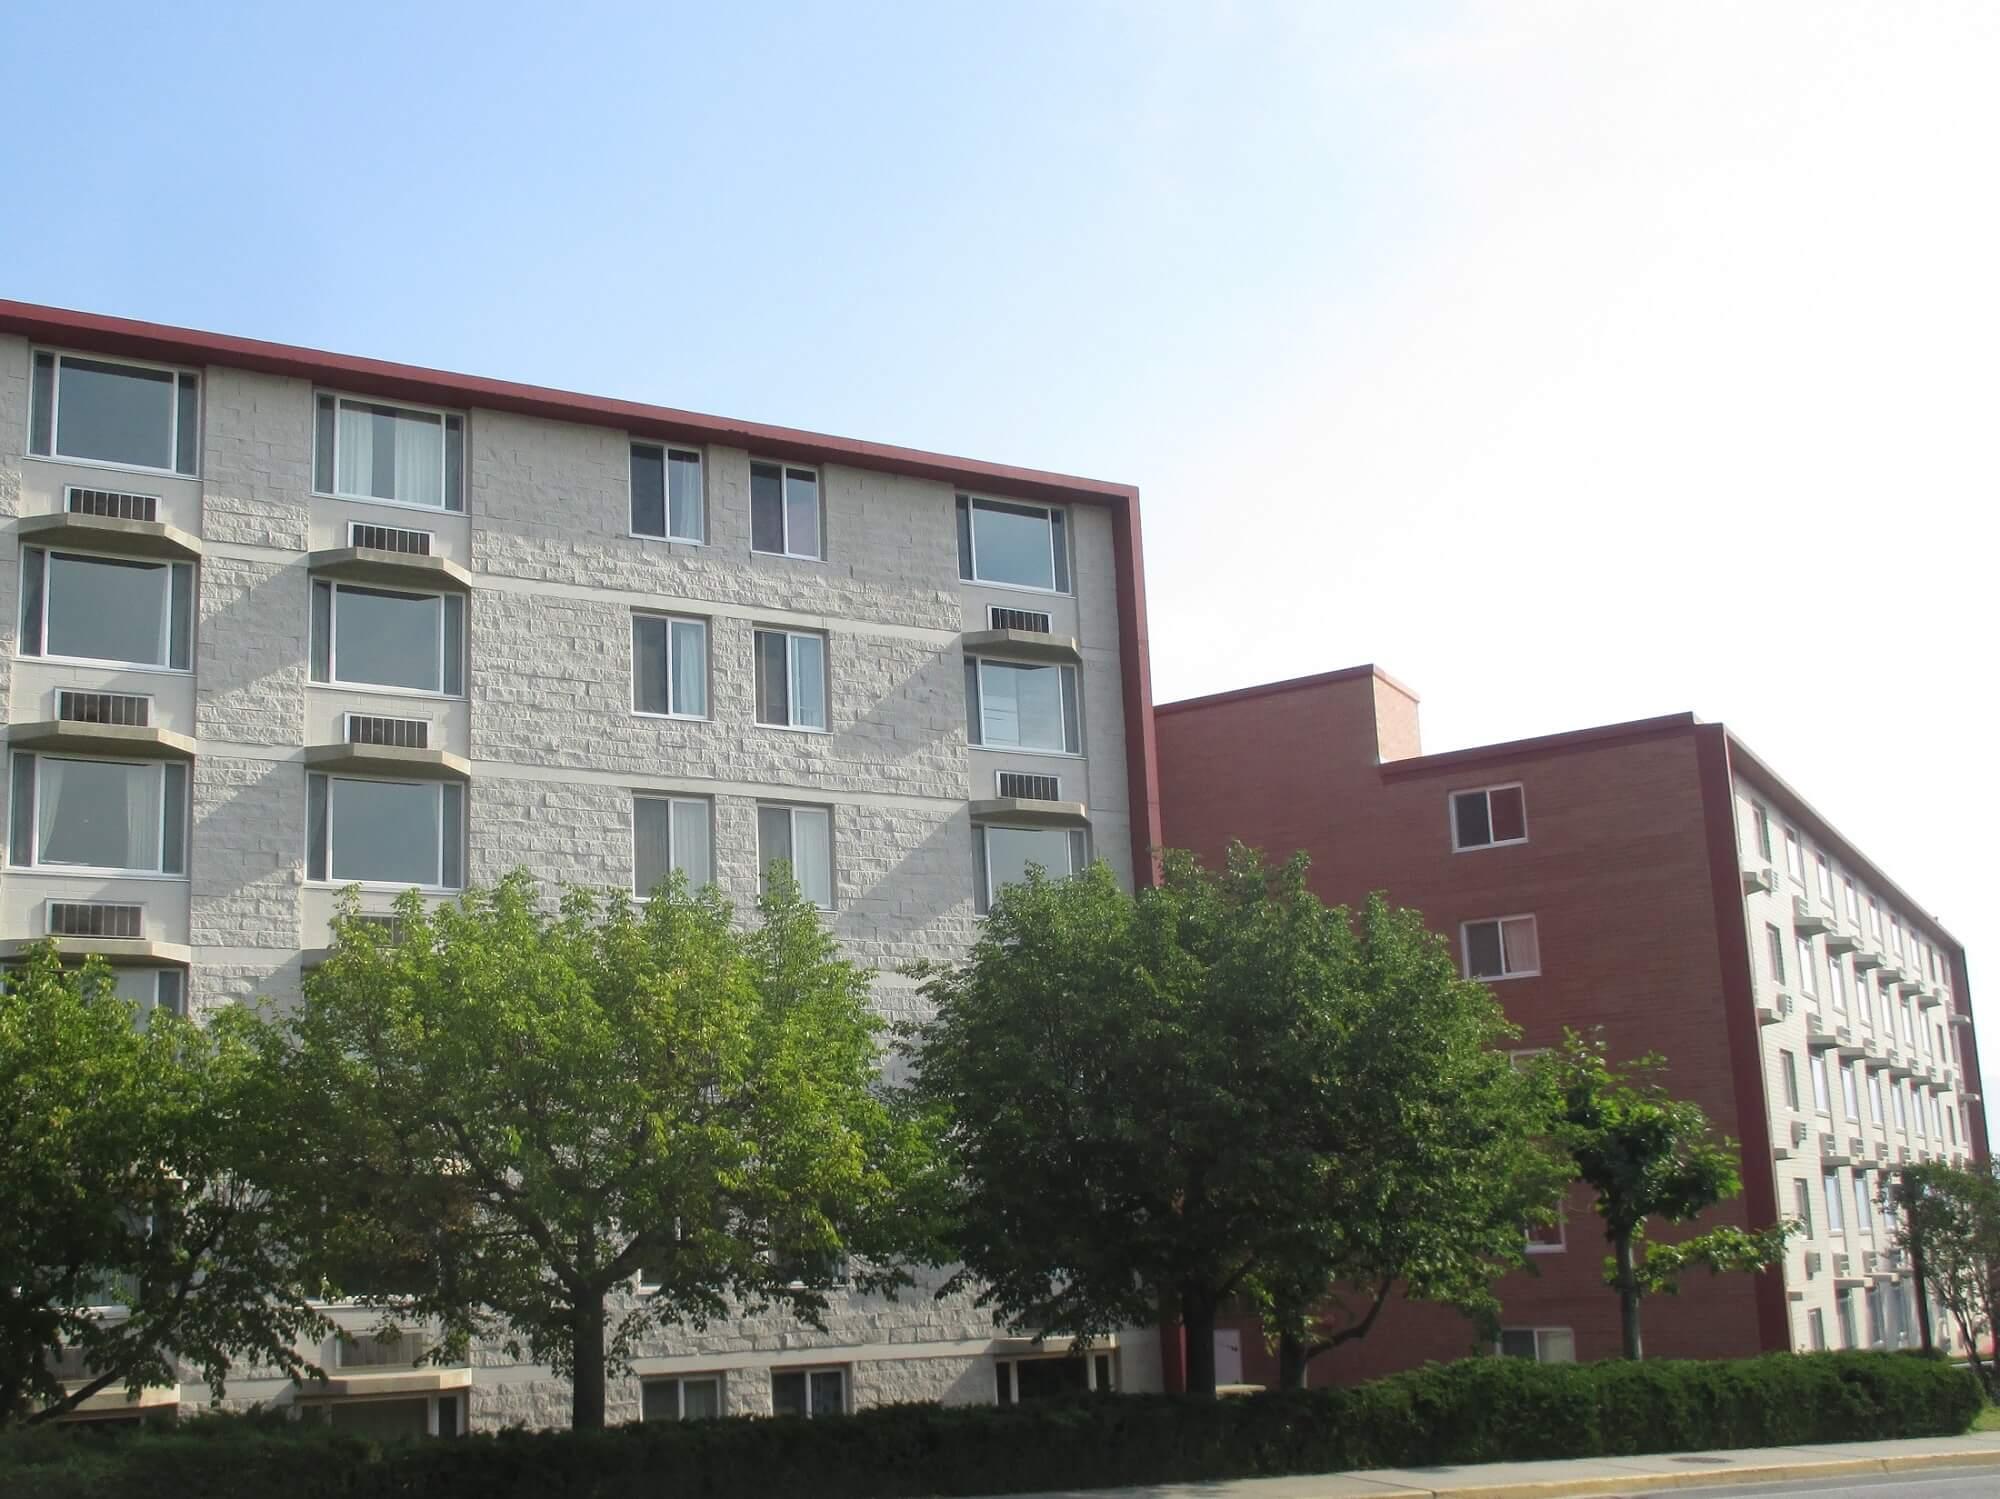 Expand Garden Terrace Apartments